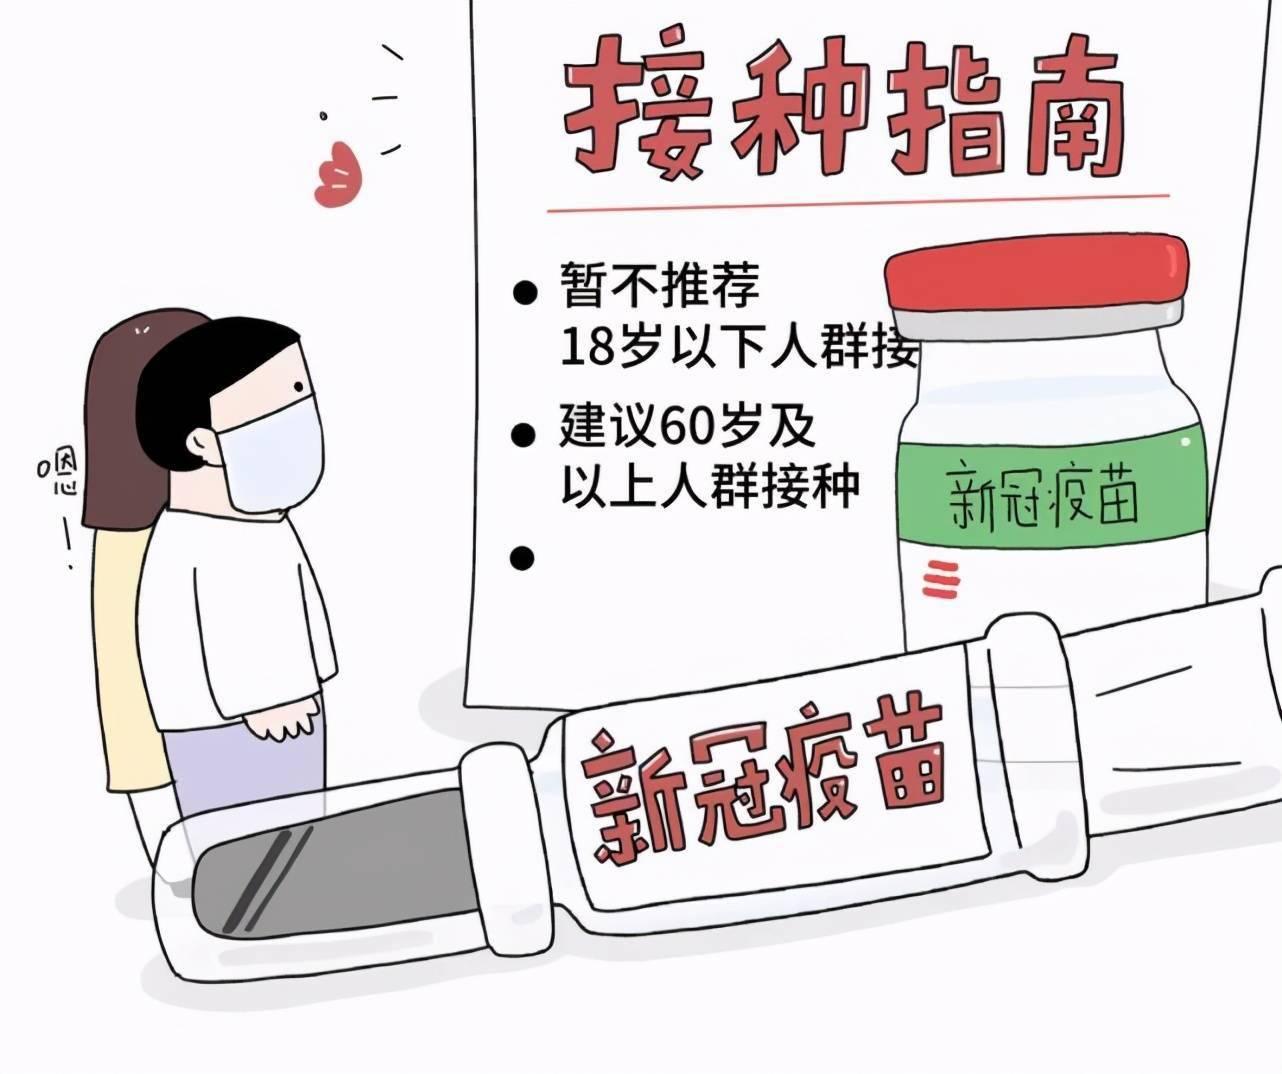 赢咖4娱乐招商-首页【1.1.5】